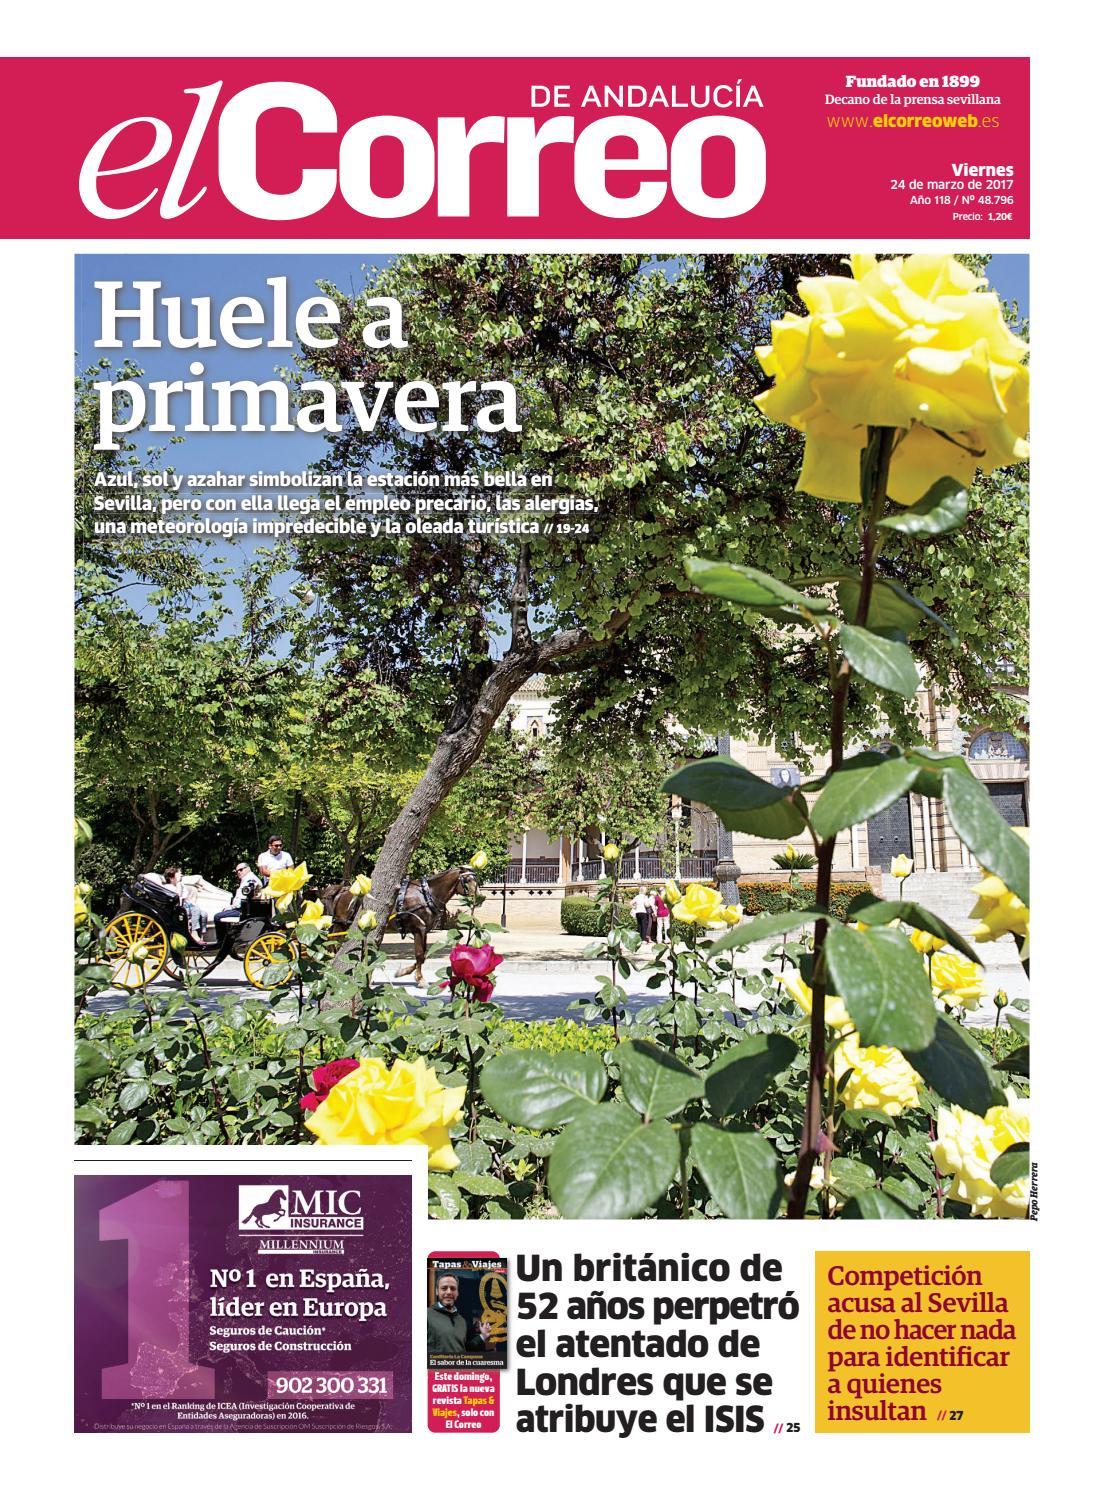 24 03 2017 El Correo de Andalucía by EL CORREO DE ANDALUCÍA S.L. - issuu